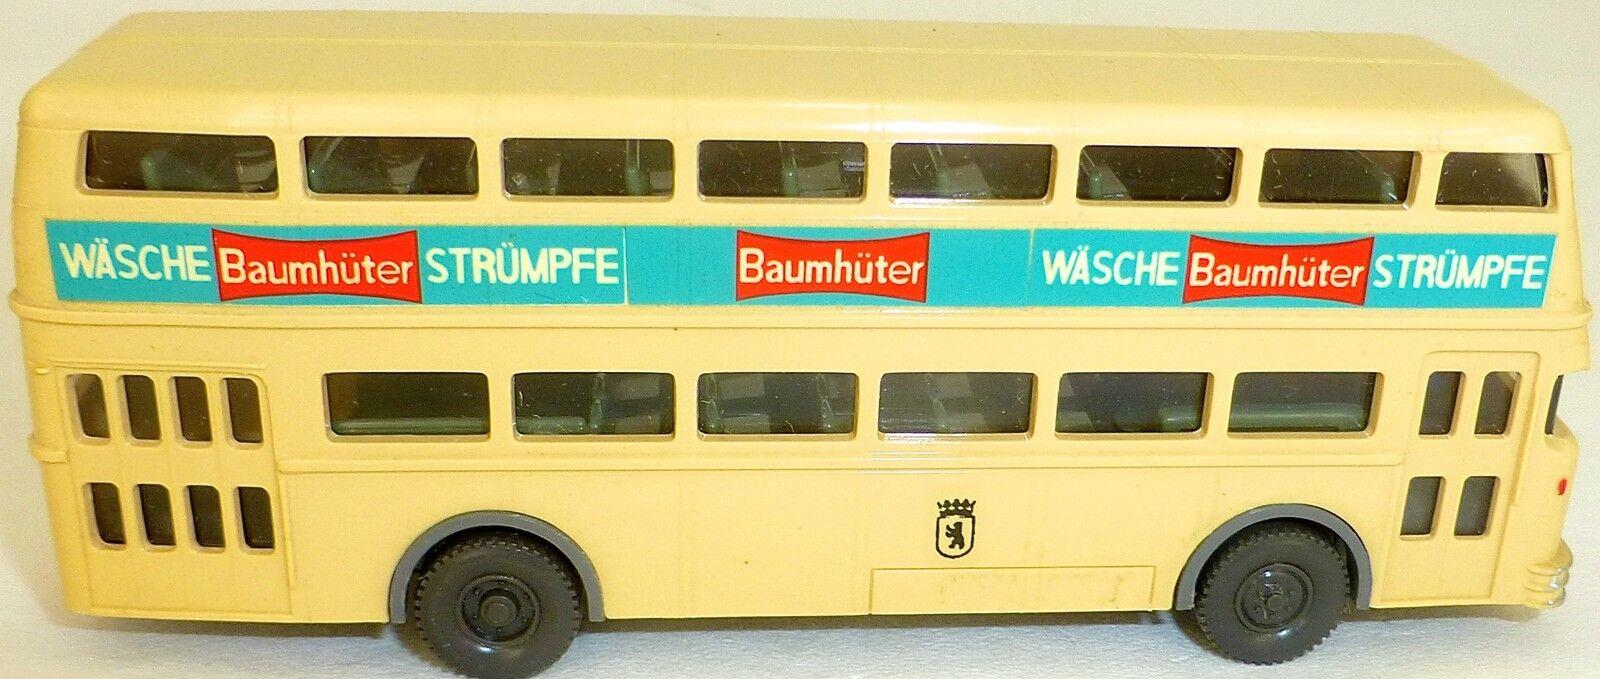 ALBERO custodi Biancheria 22 piccoli serie werbebus d2u porta a da Wiking h0 1:87 gd4 Å *